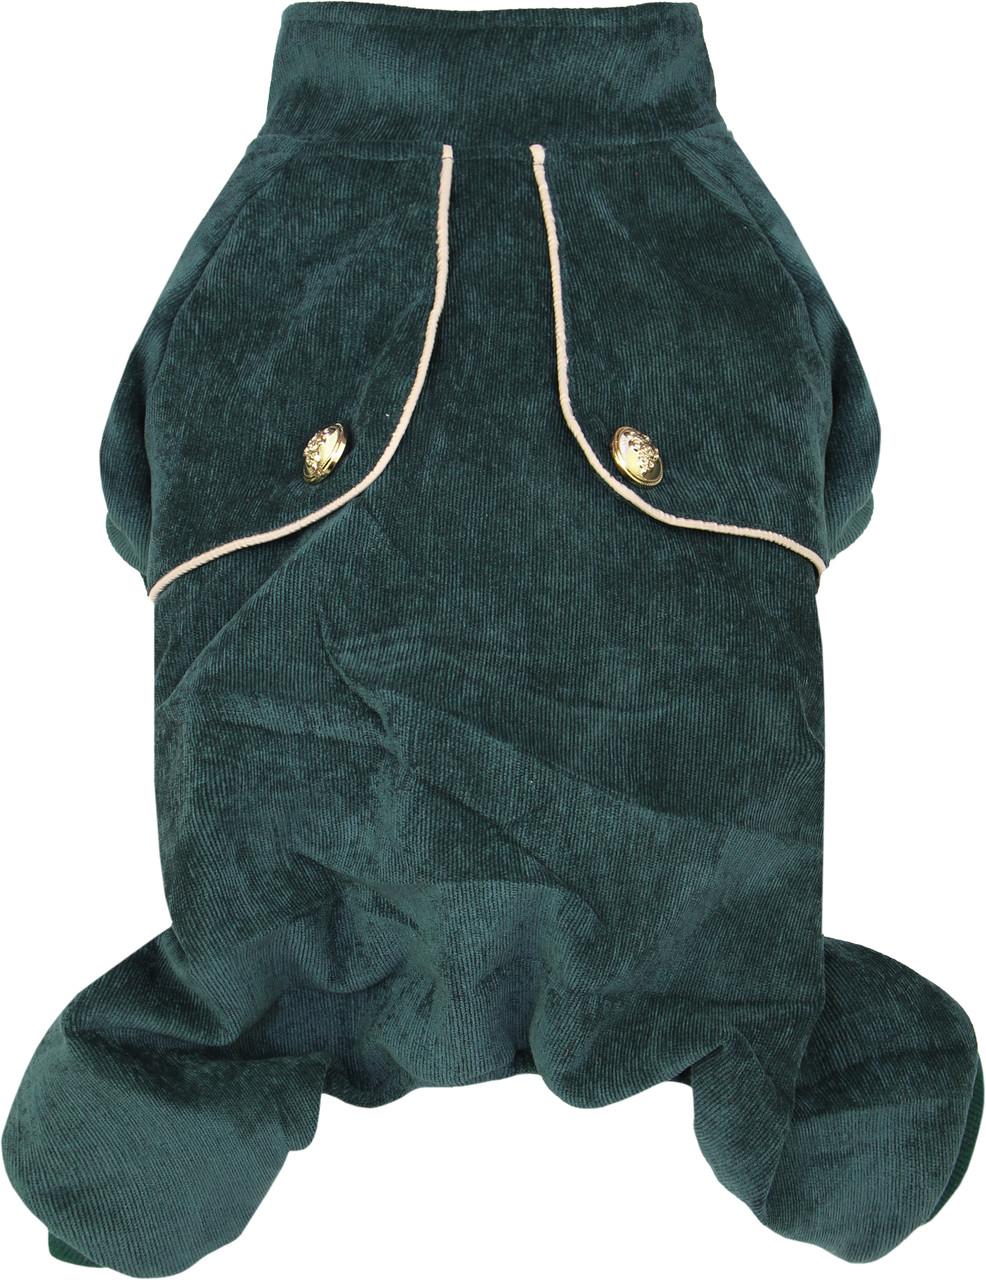 Комбинезон для животных Добаз, Dobaz Harold зеленый